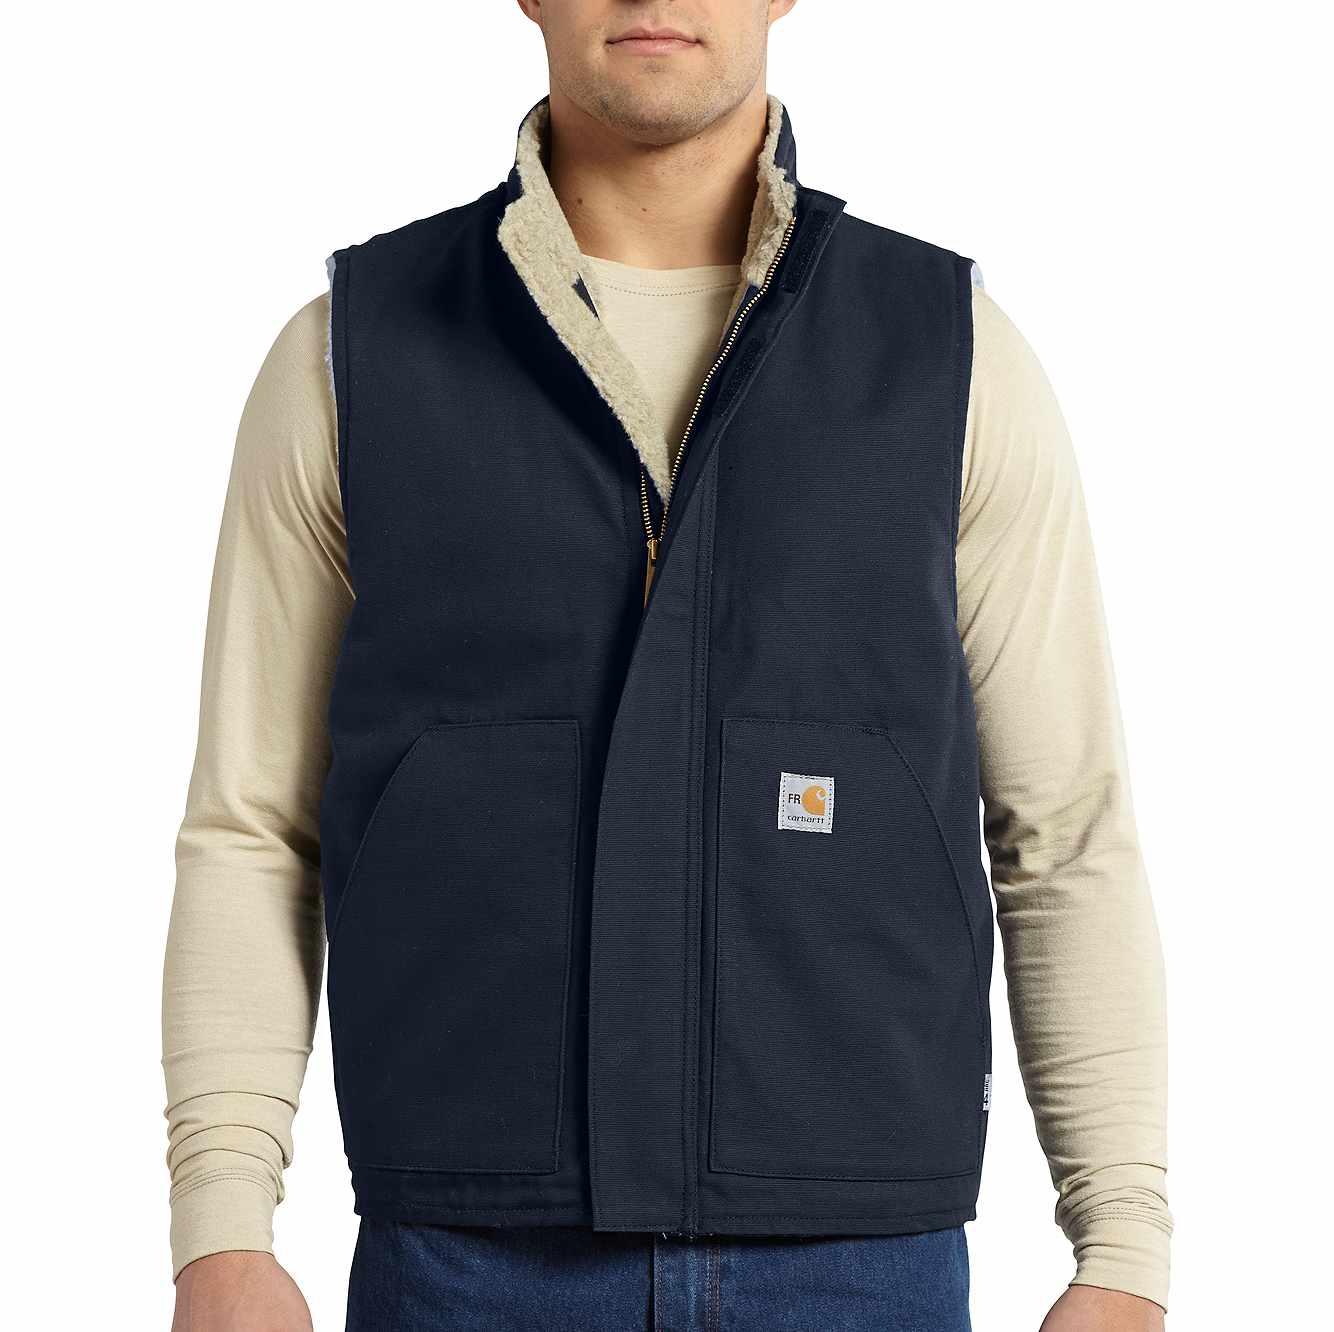 Picture of Flame-Resistant Mockneck Vest in Dark Navy